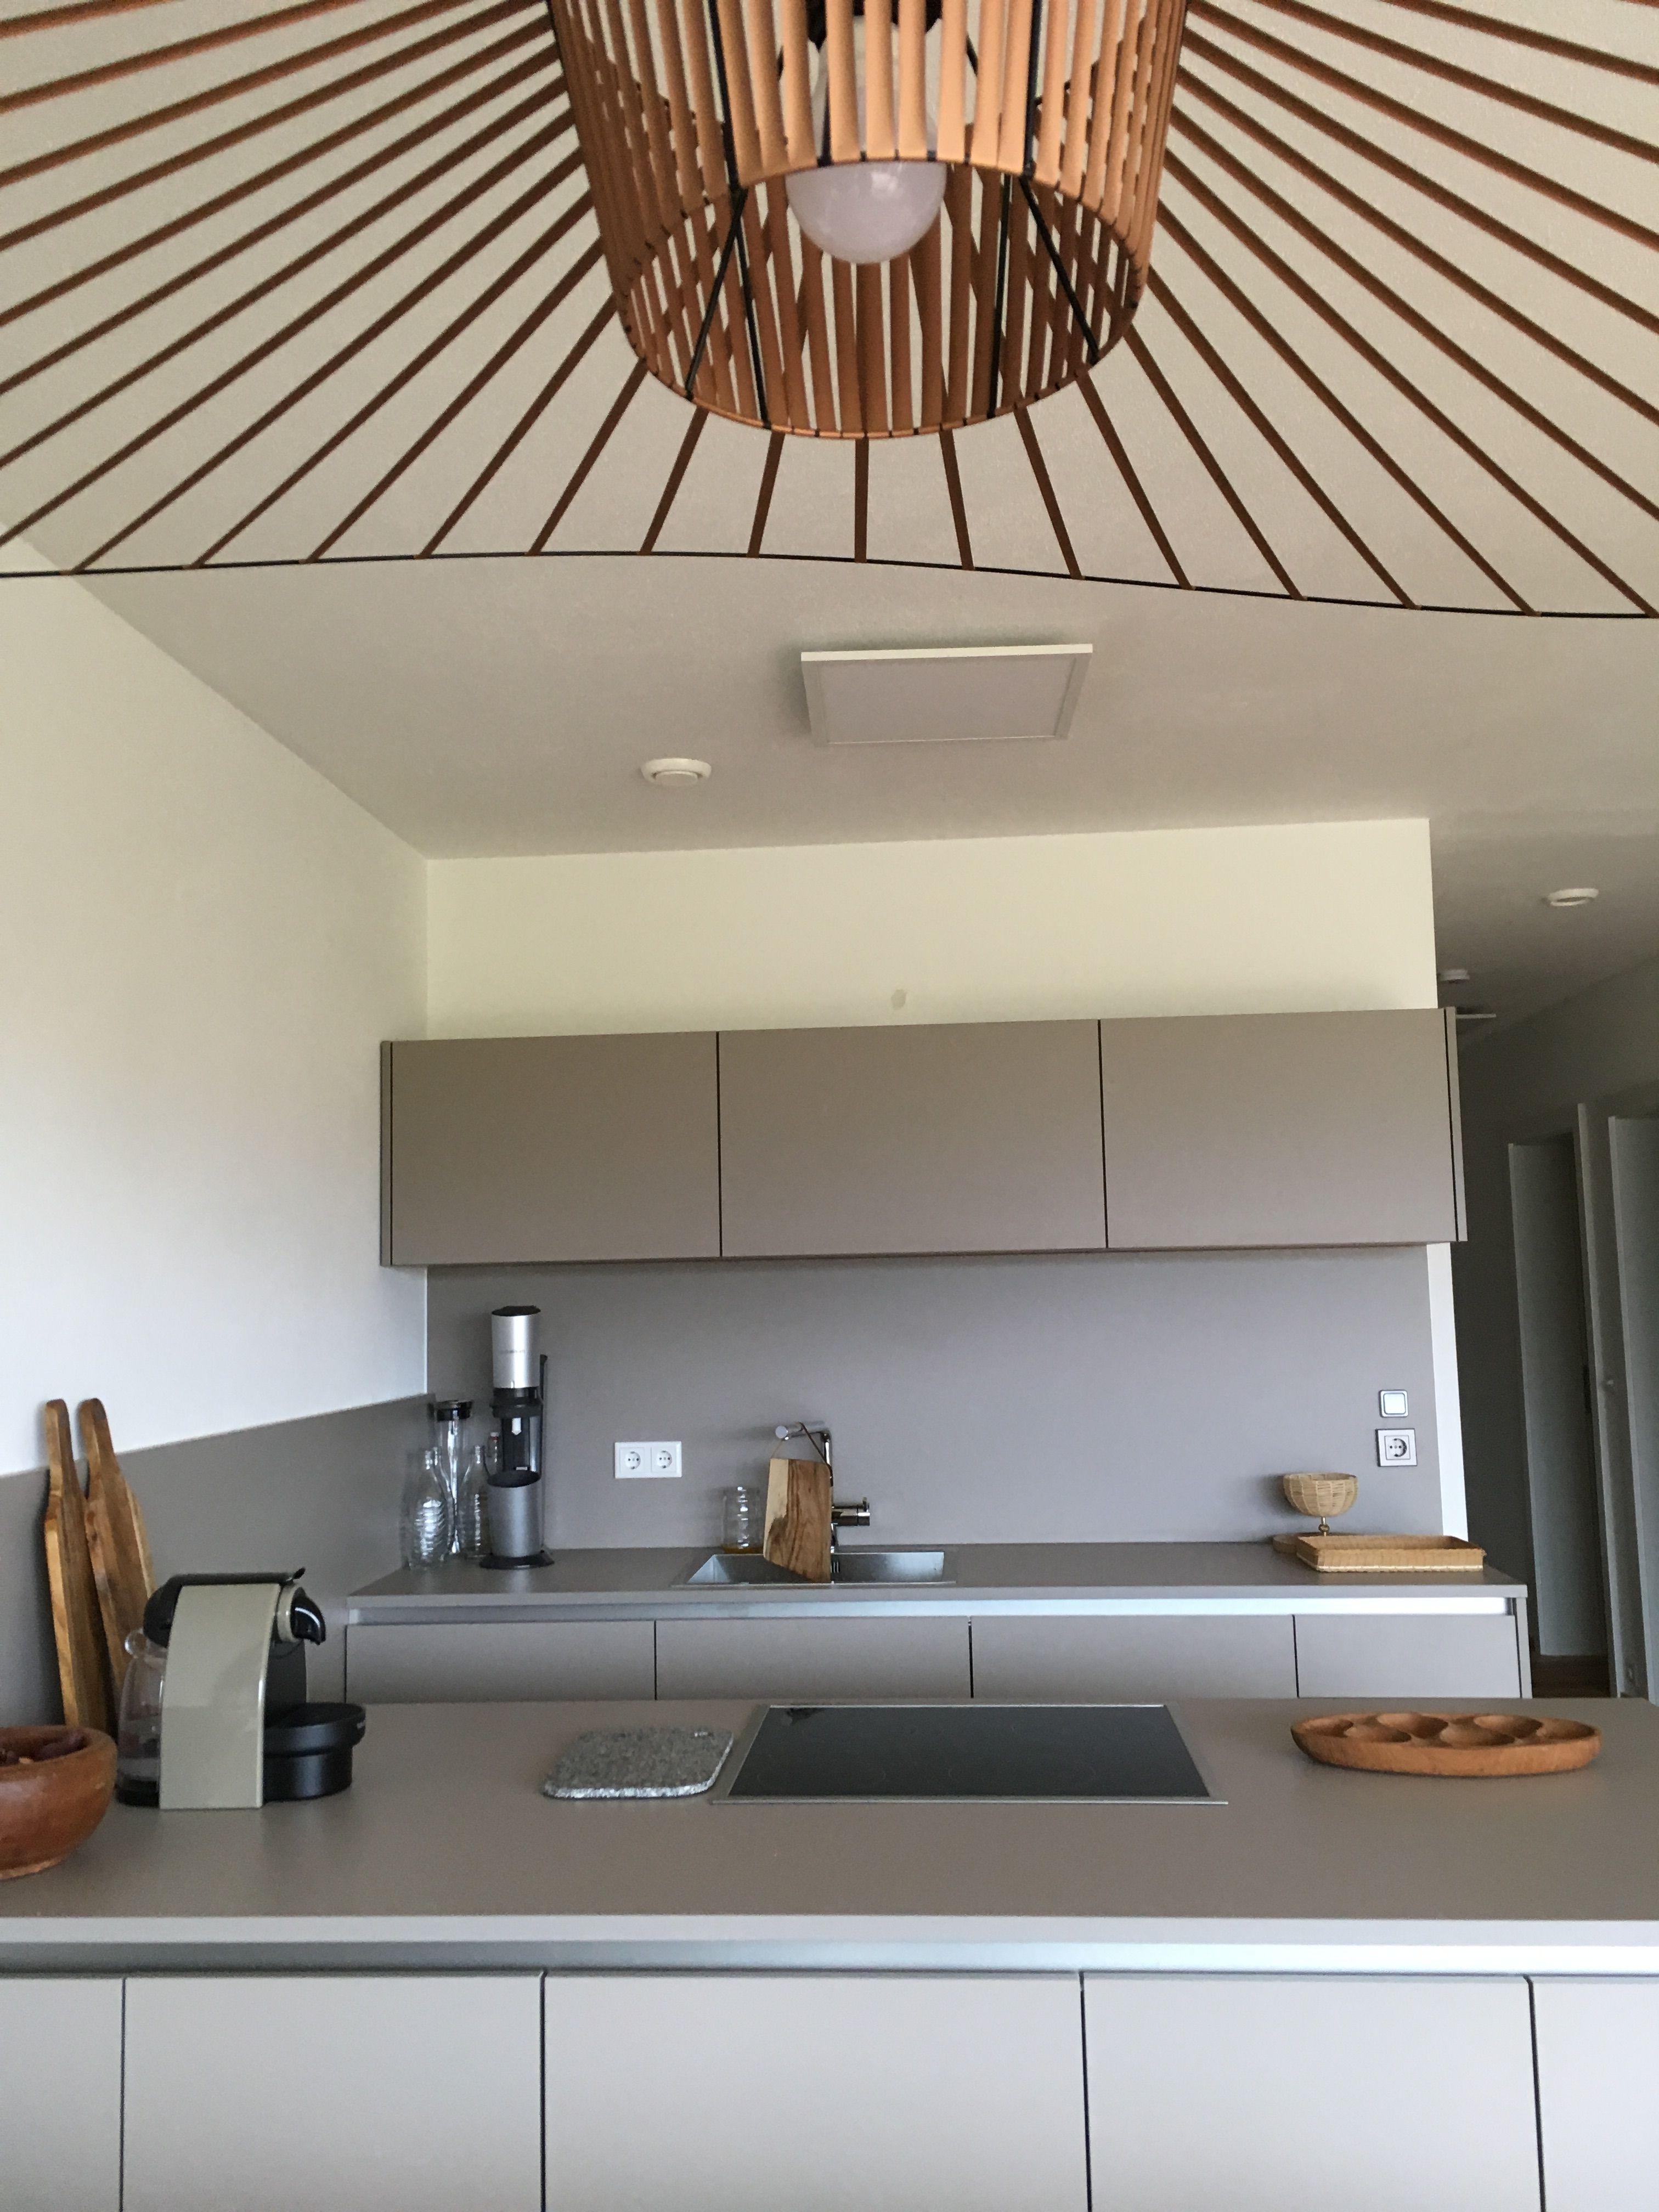 Küche vertigo Lampe (mit Bildern) Küche, Lampen